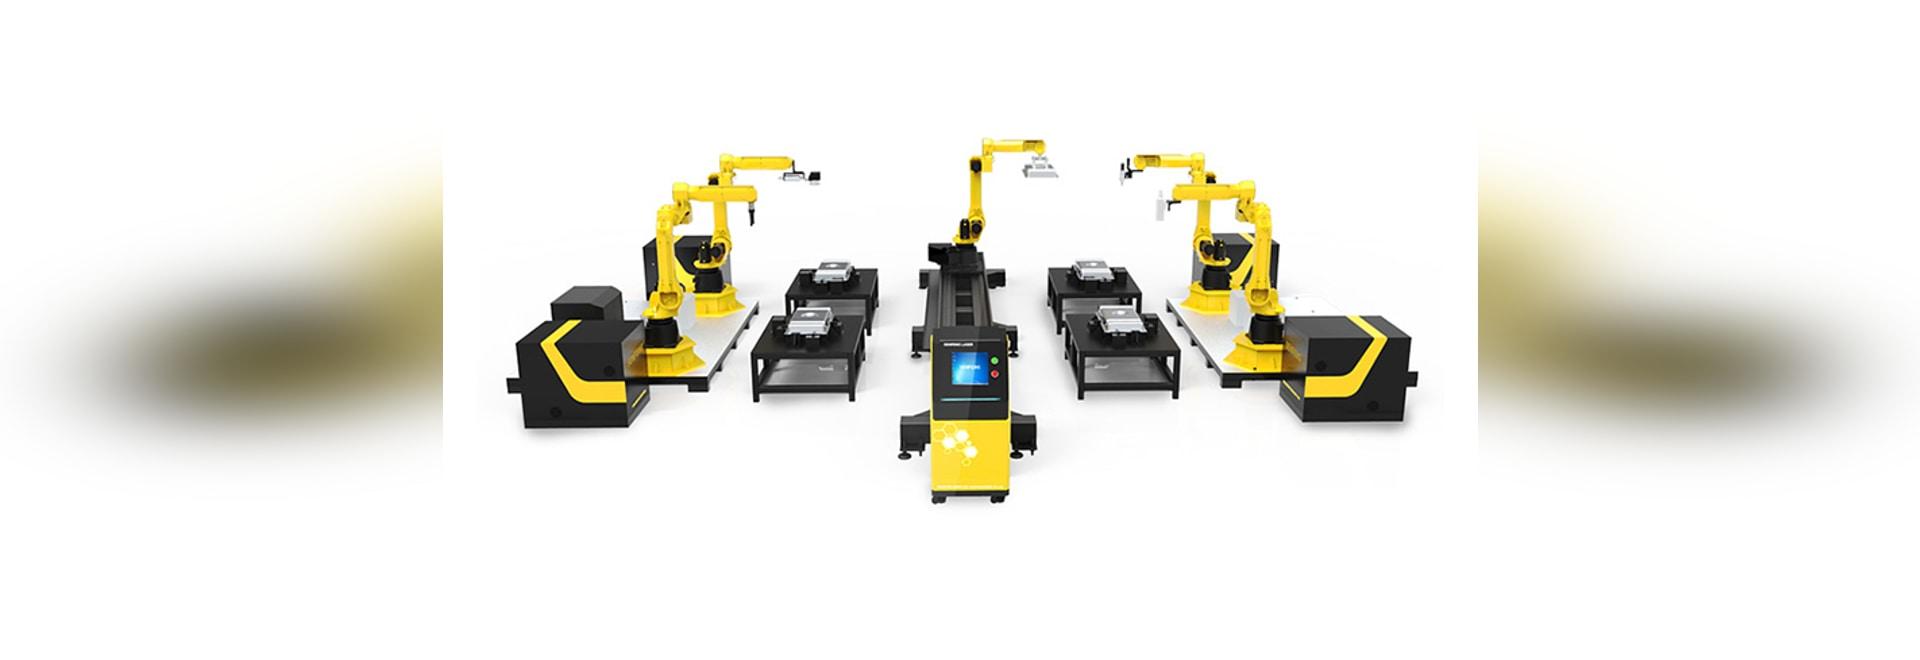 3D ROBOT LASER SYSTEM